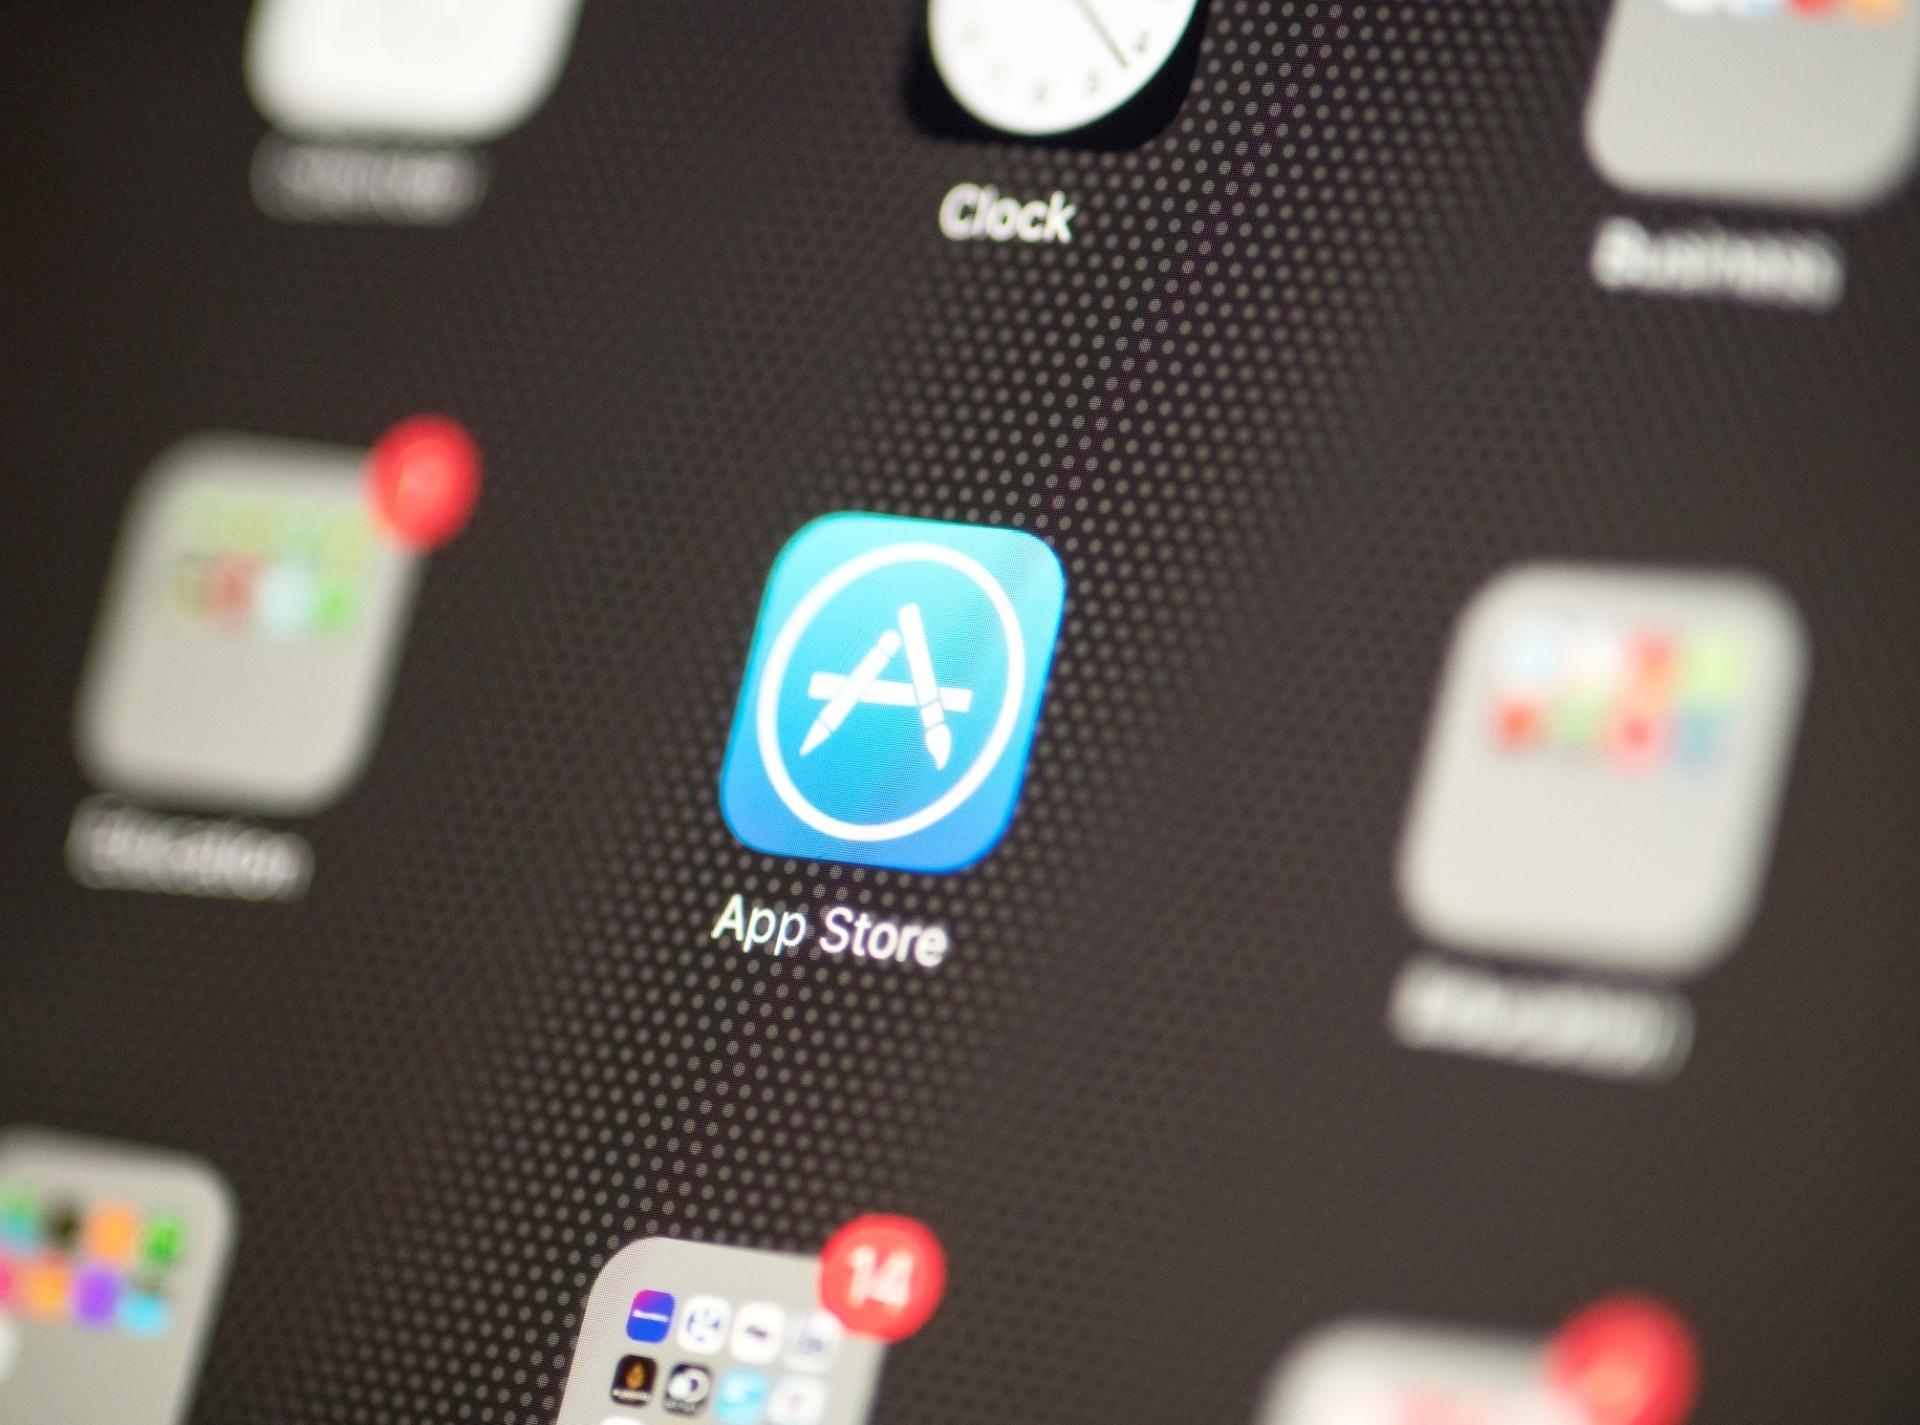 Facebook domina lista de aplicativos mais baixados em 10 anos de App Store